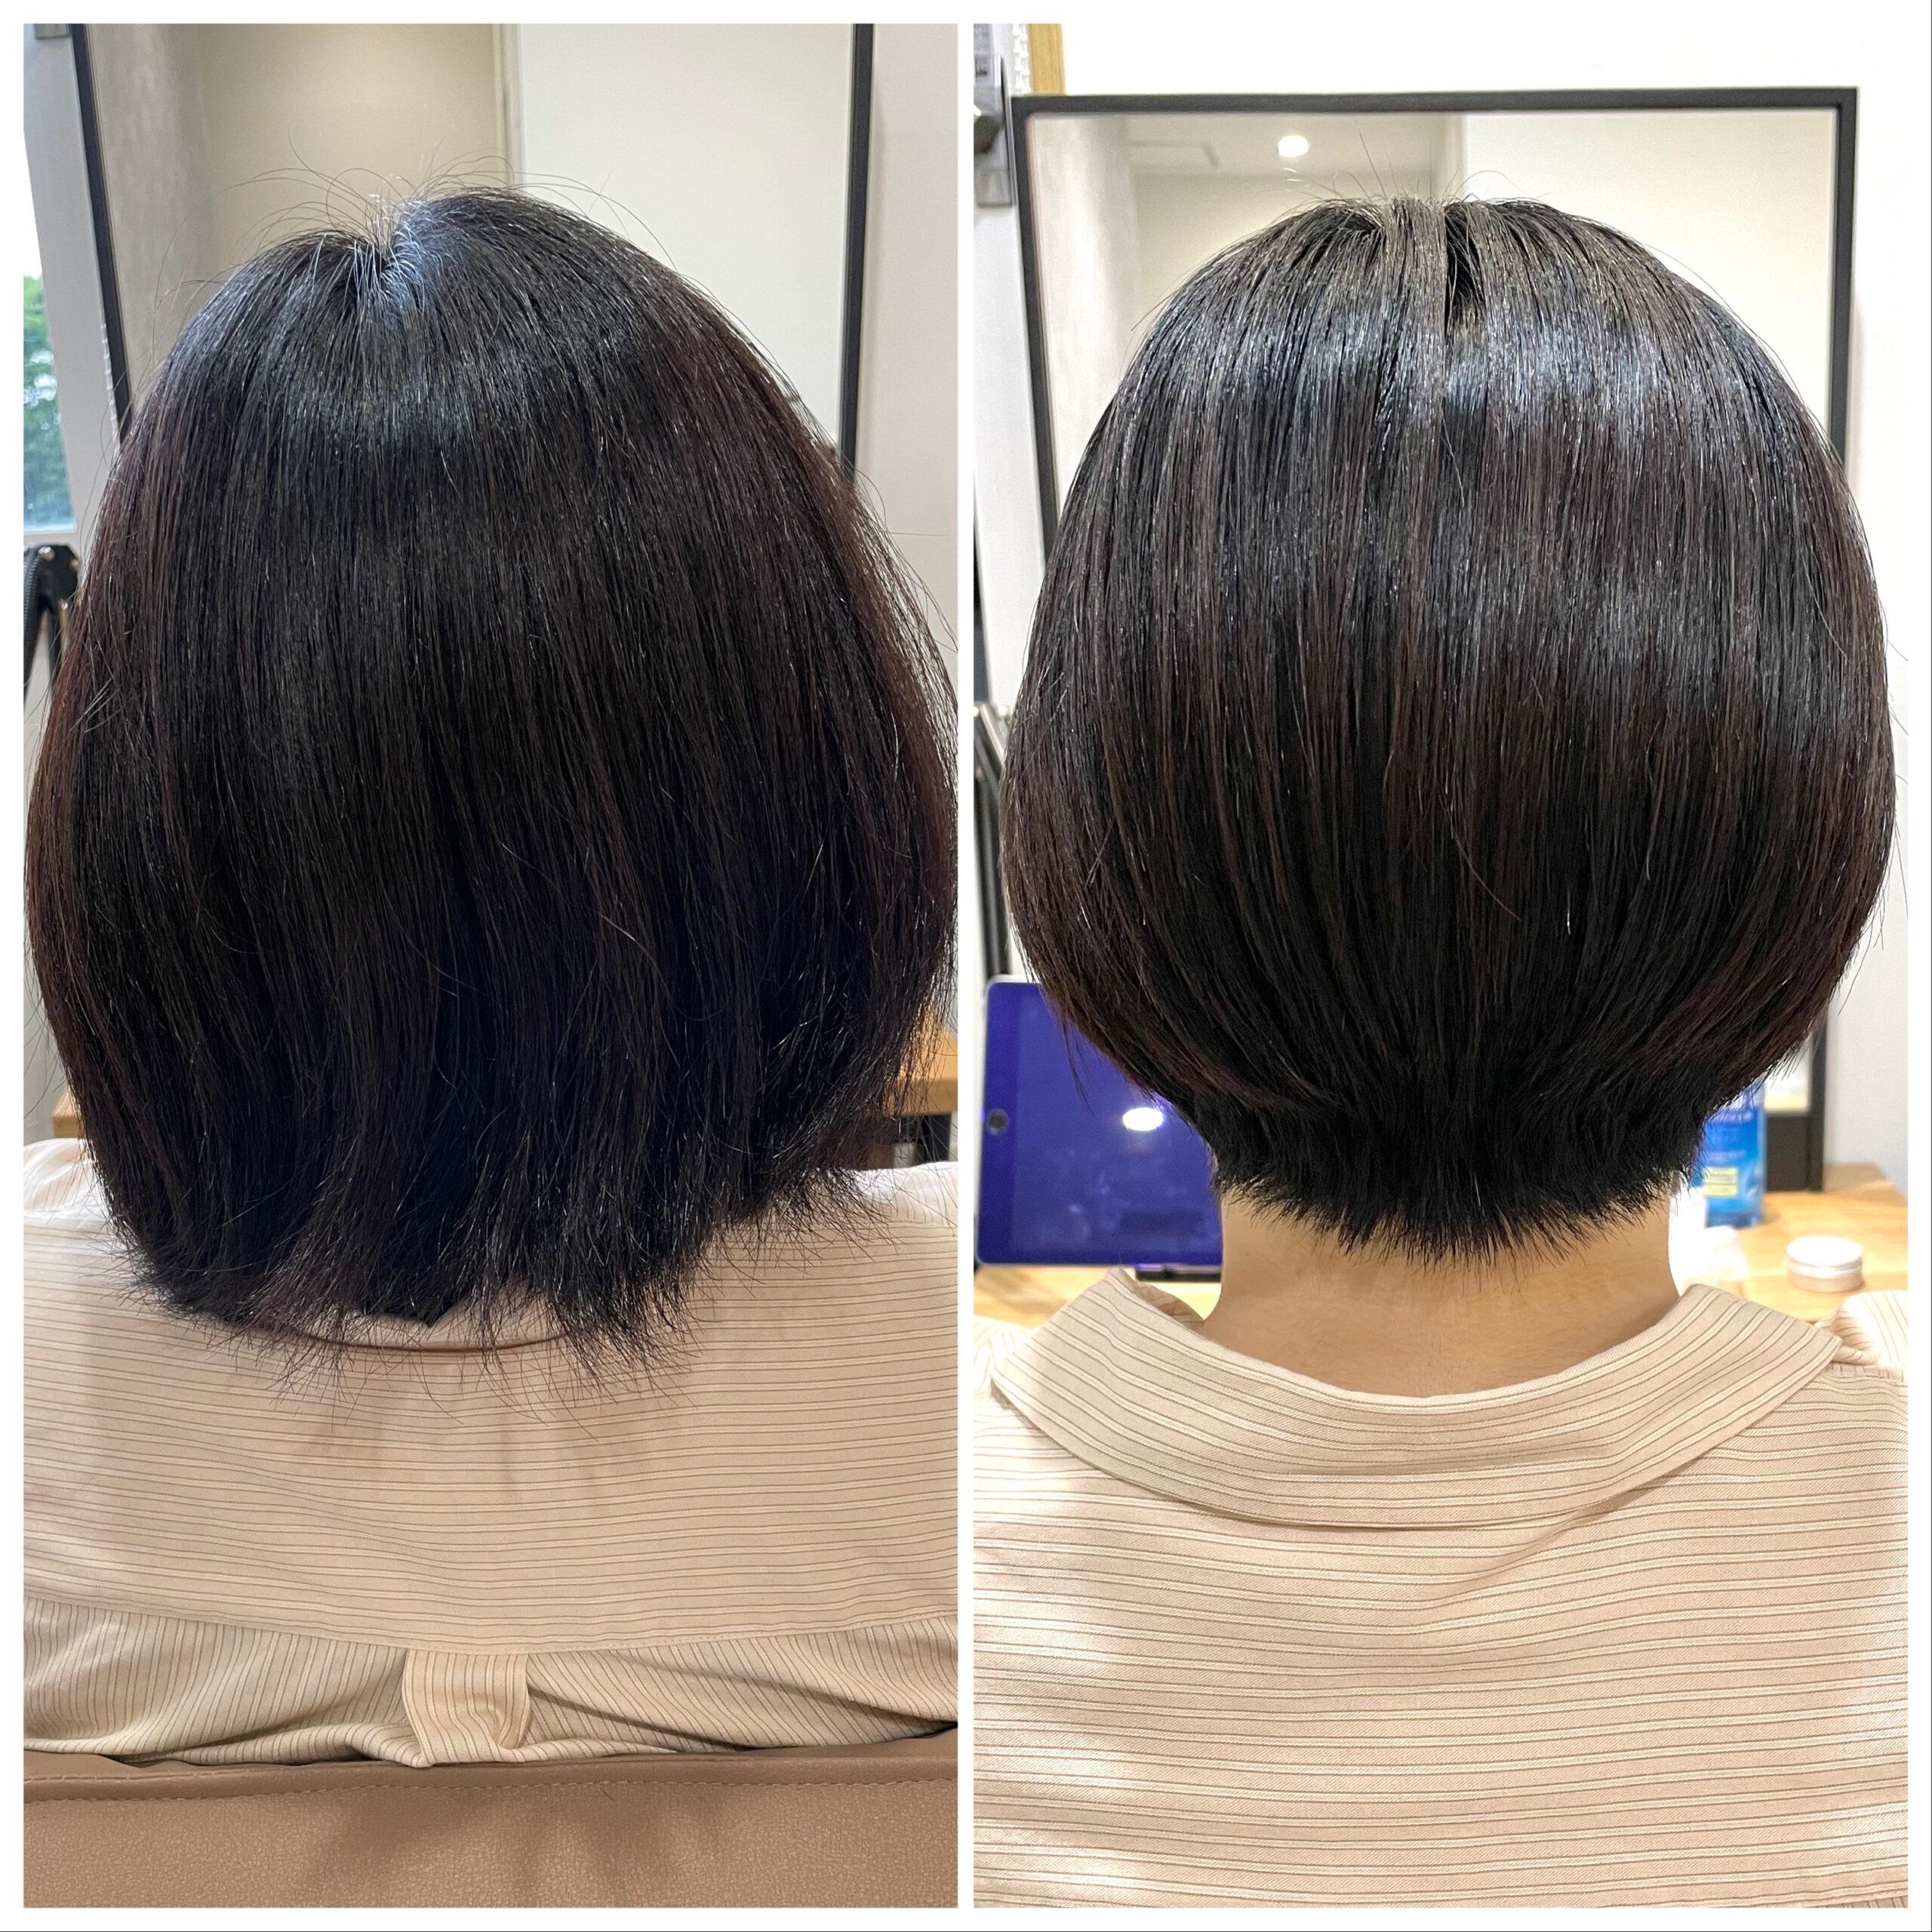 大分県別府市 髪の毛が多い、癖が強い、ボリュームが出るといった悩みがあっても弱酸性ストレートならショートヘアも可能です! ビフォーアフター